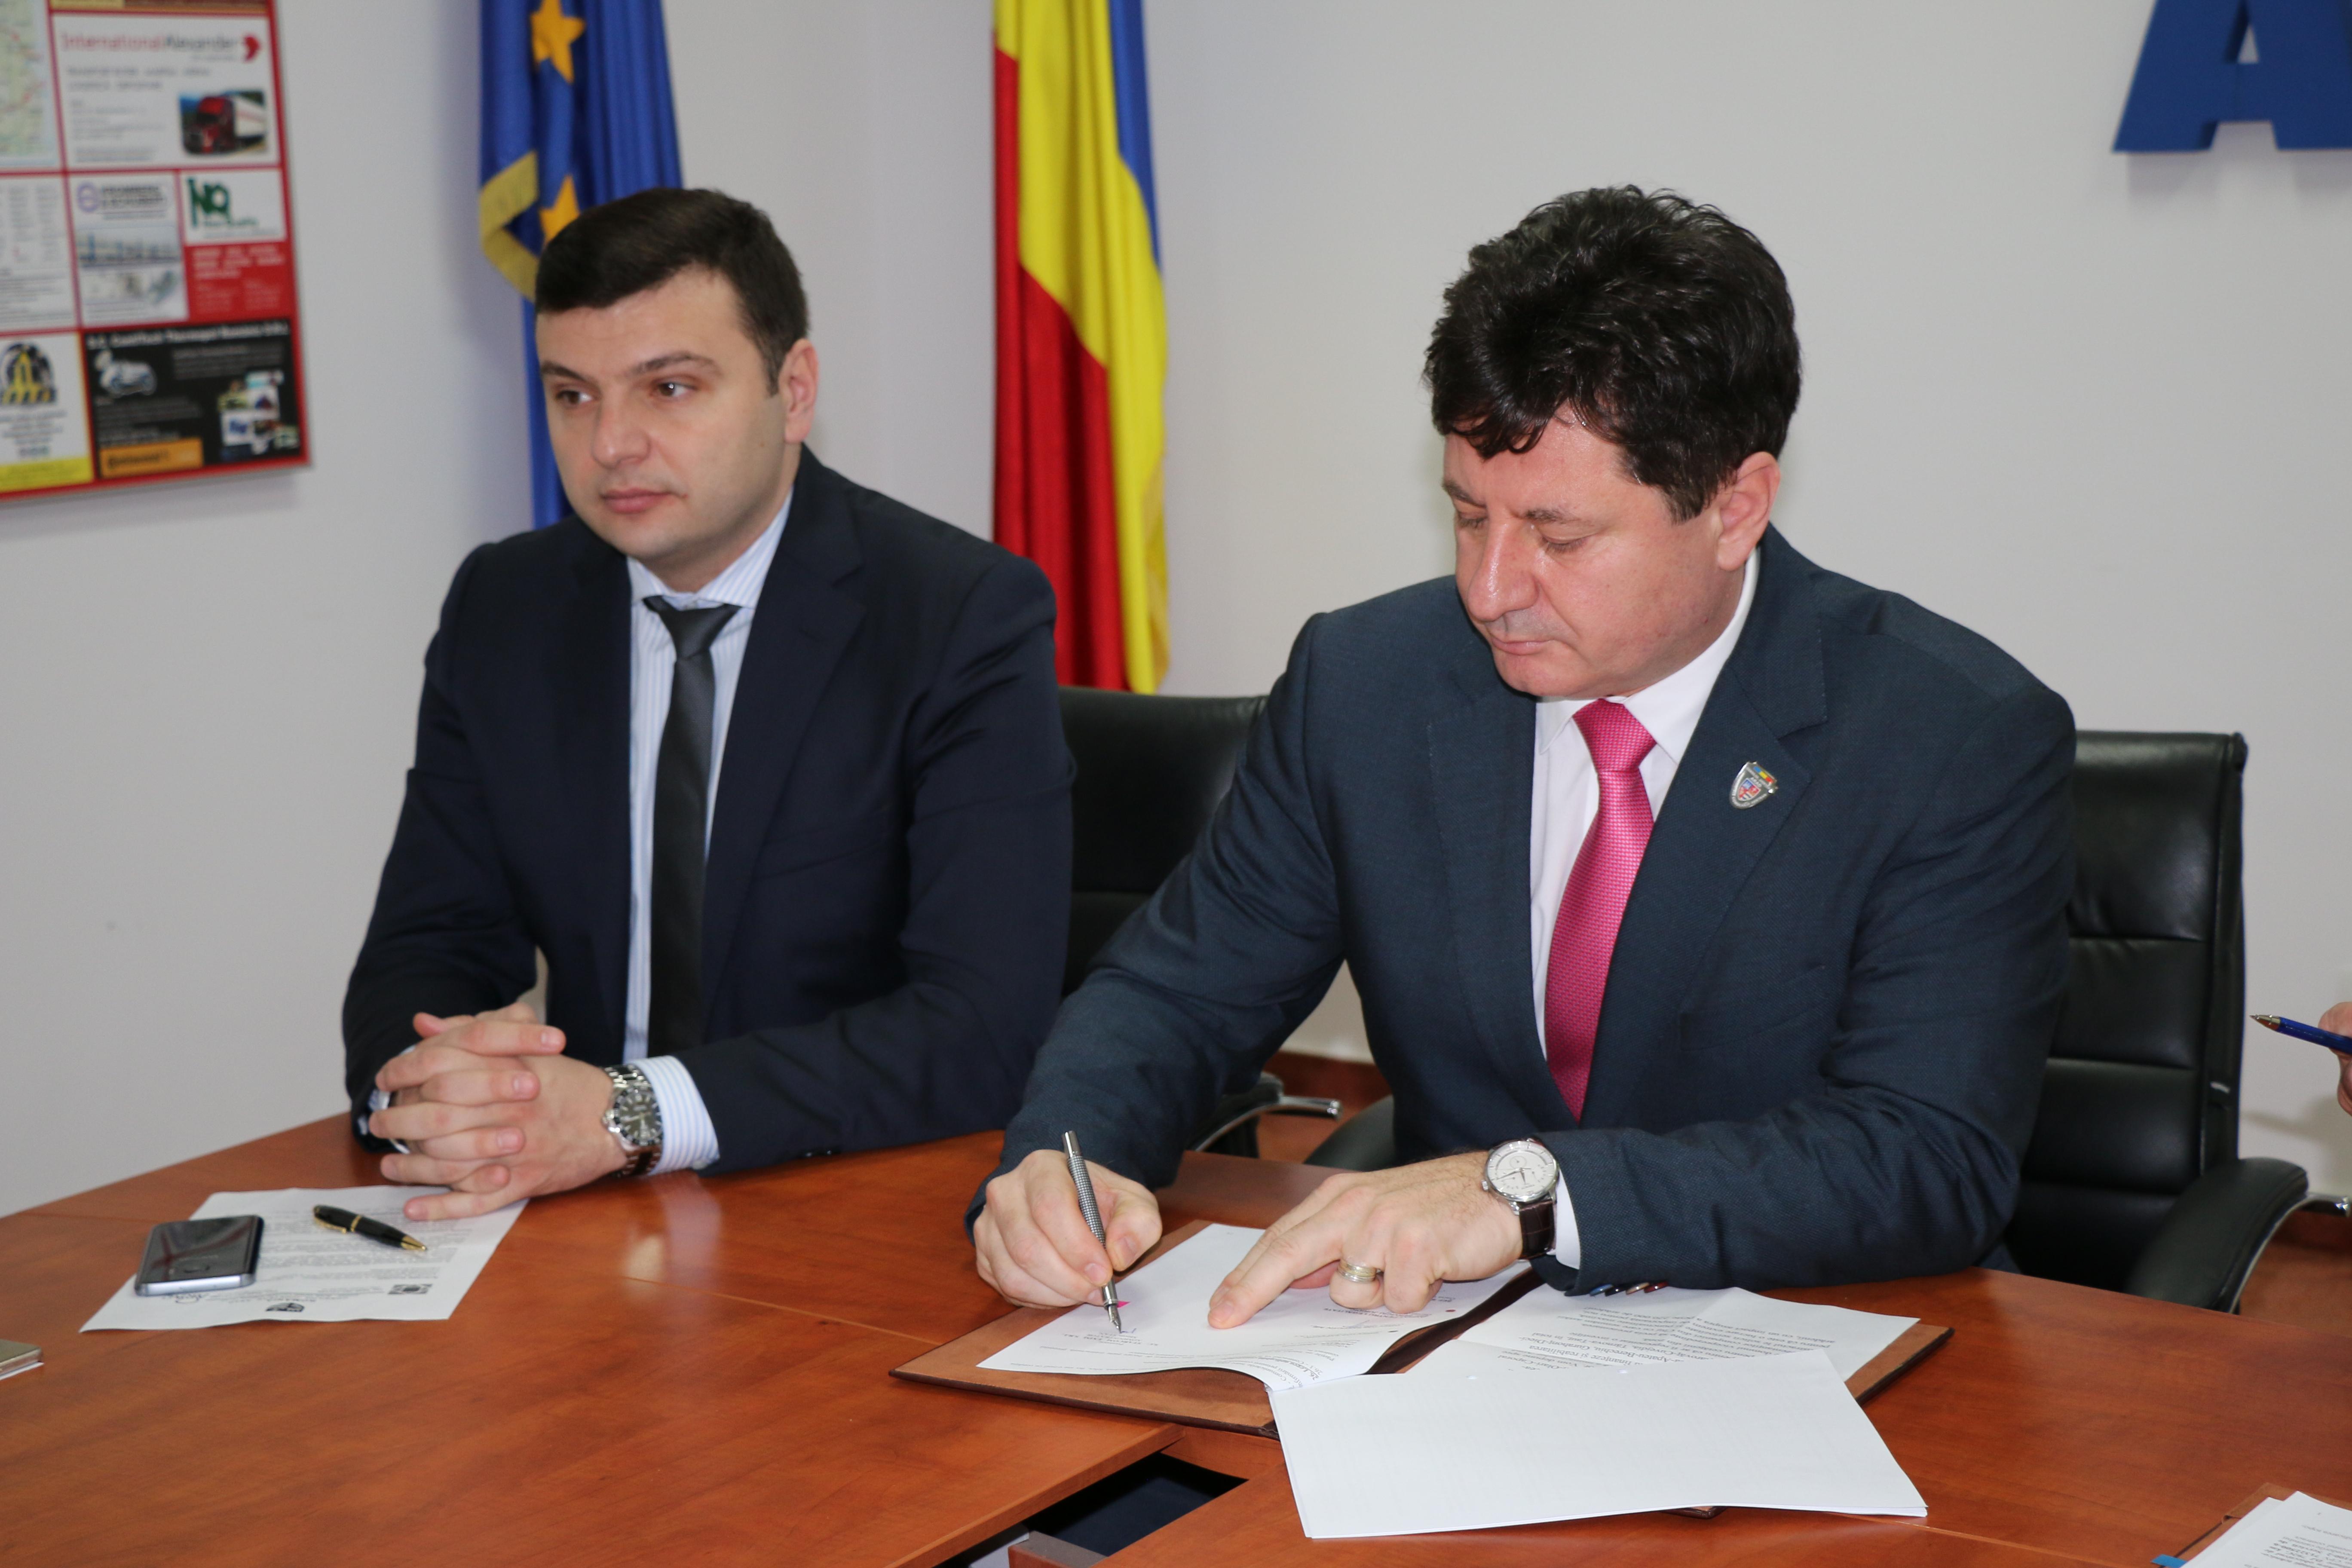 S-a semnat contractul de proiectare tehnică pentru modernizarea celui mai important drum judeţean arădean,  Arad-Şiria-Pâncota-Buteni!